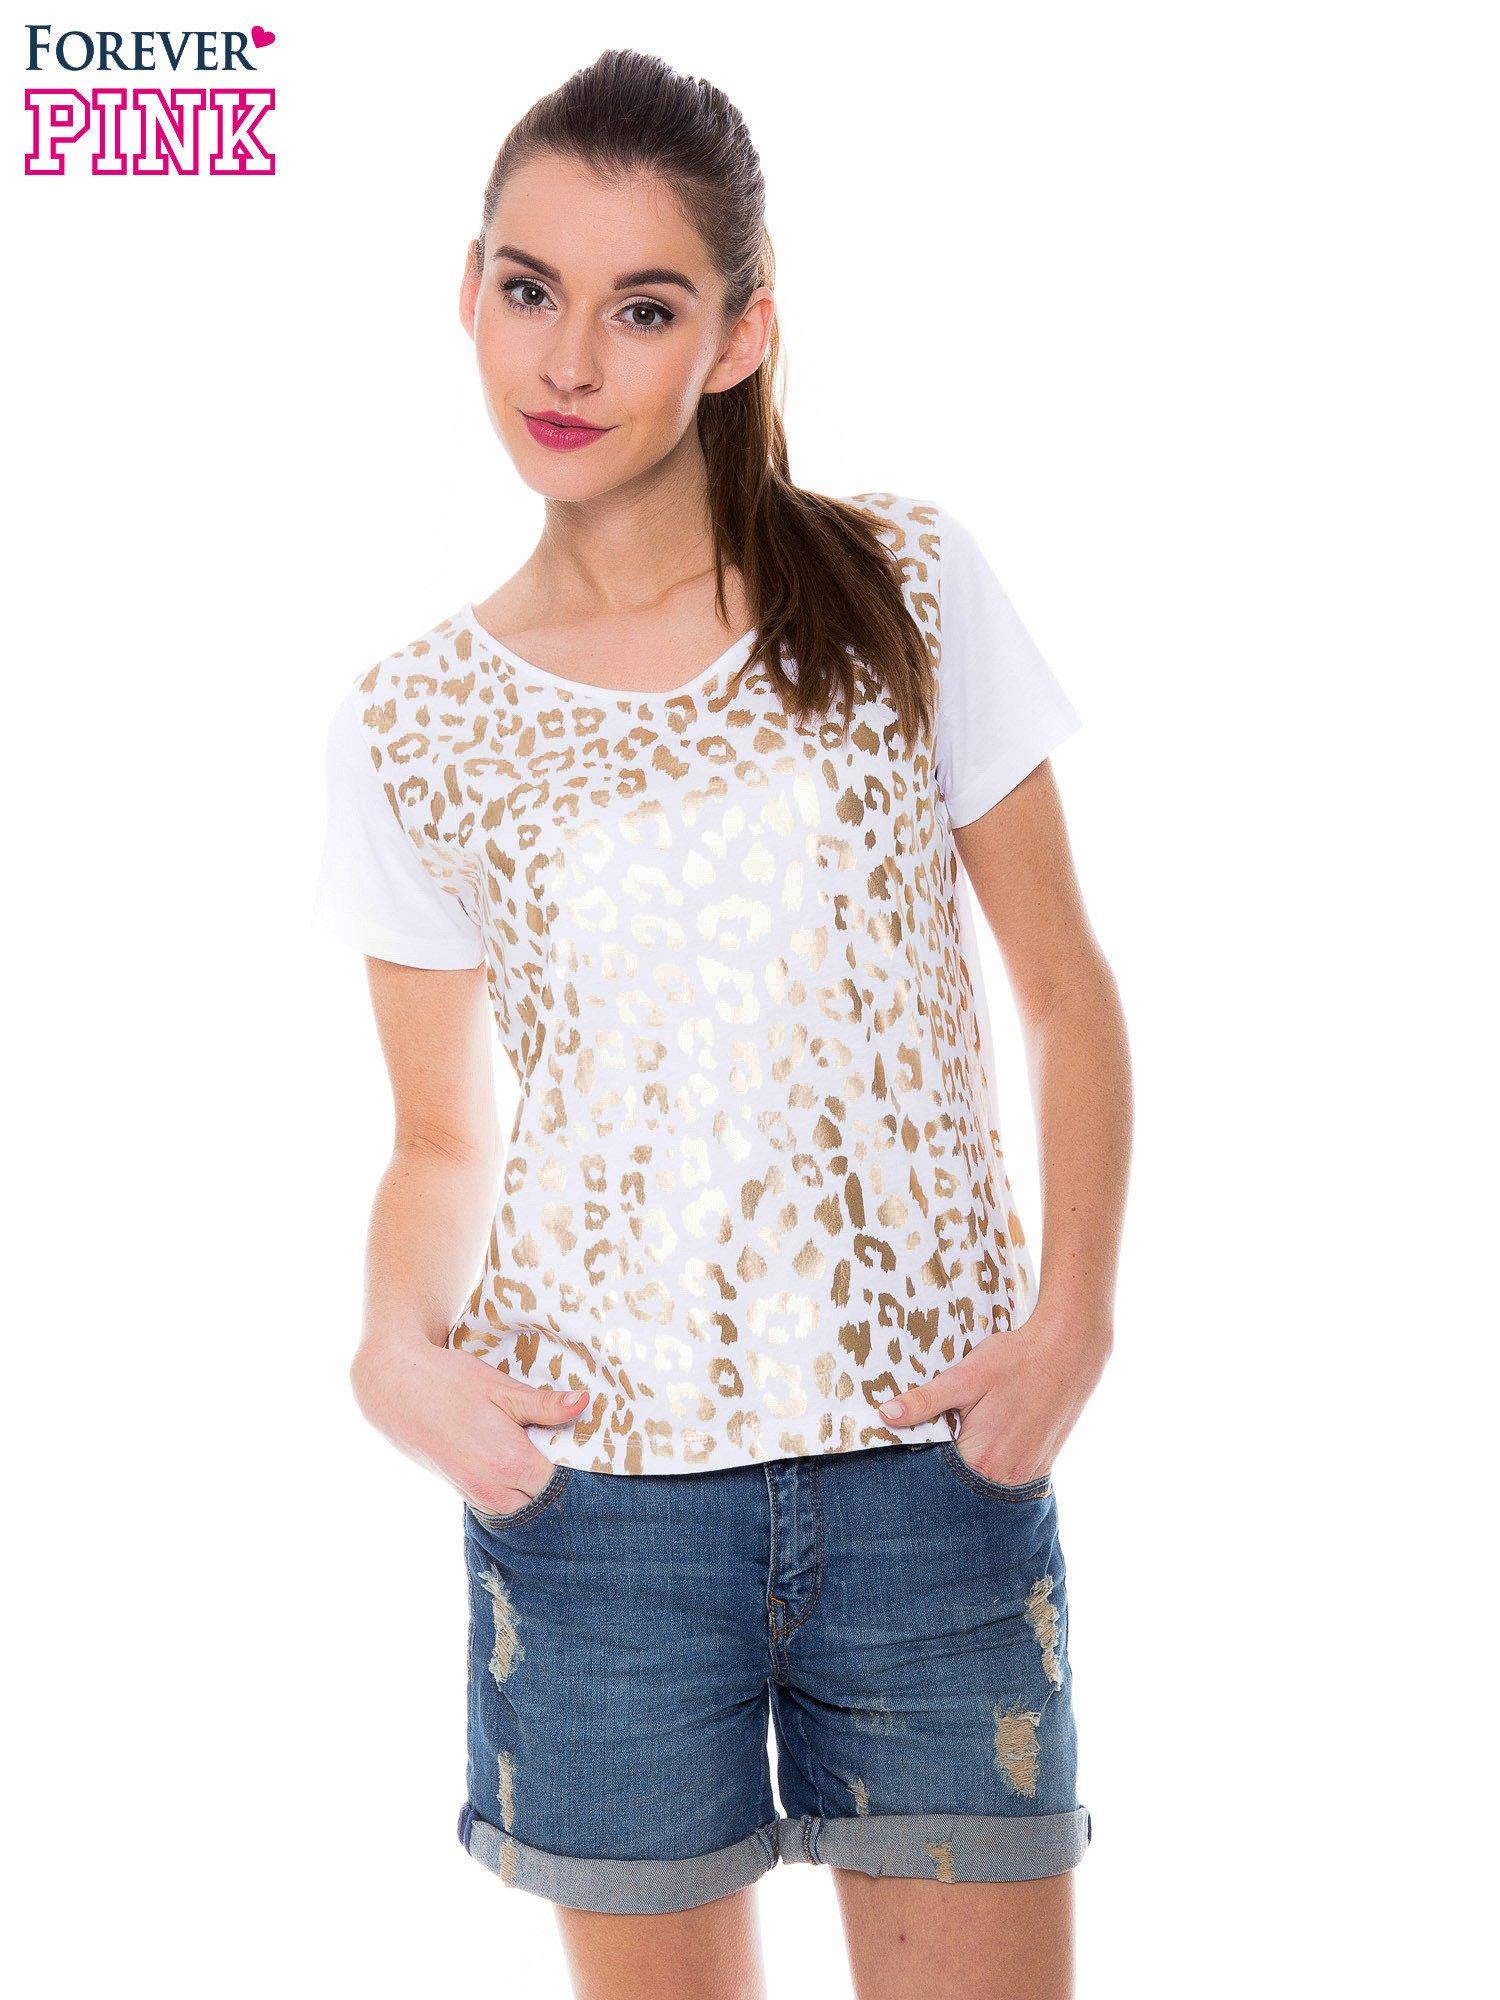 Biały t-shirt z metalicznym nadrukiem w cętki pantery                                  zdj.                                  1